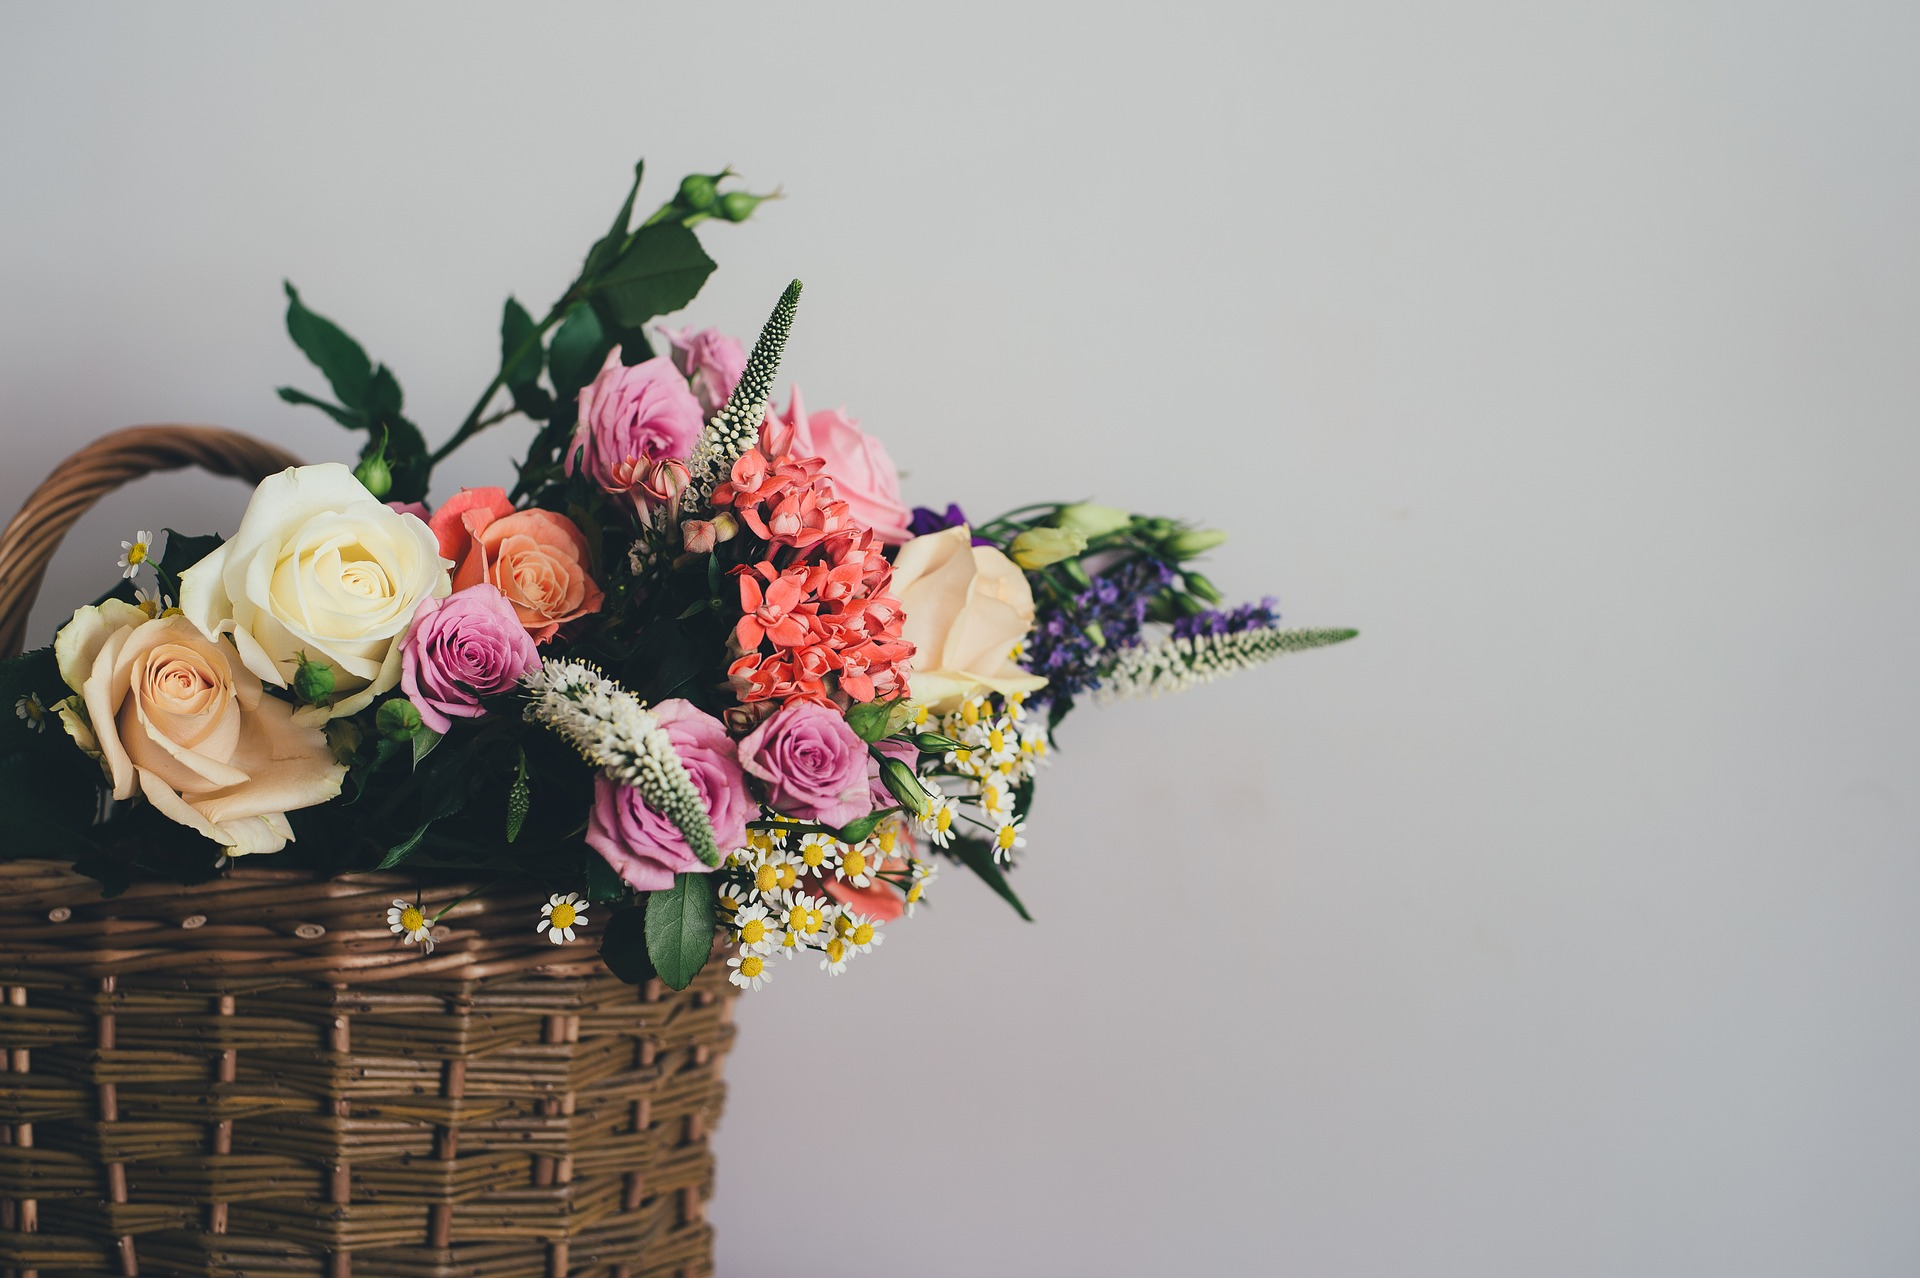 Blumensträuße trocknen - so klappt´s ganz bestimmt! - 59plus